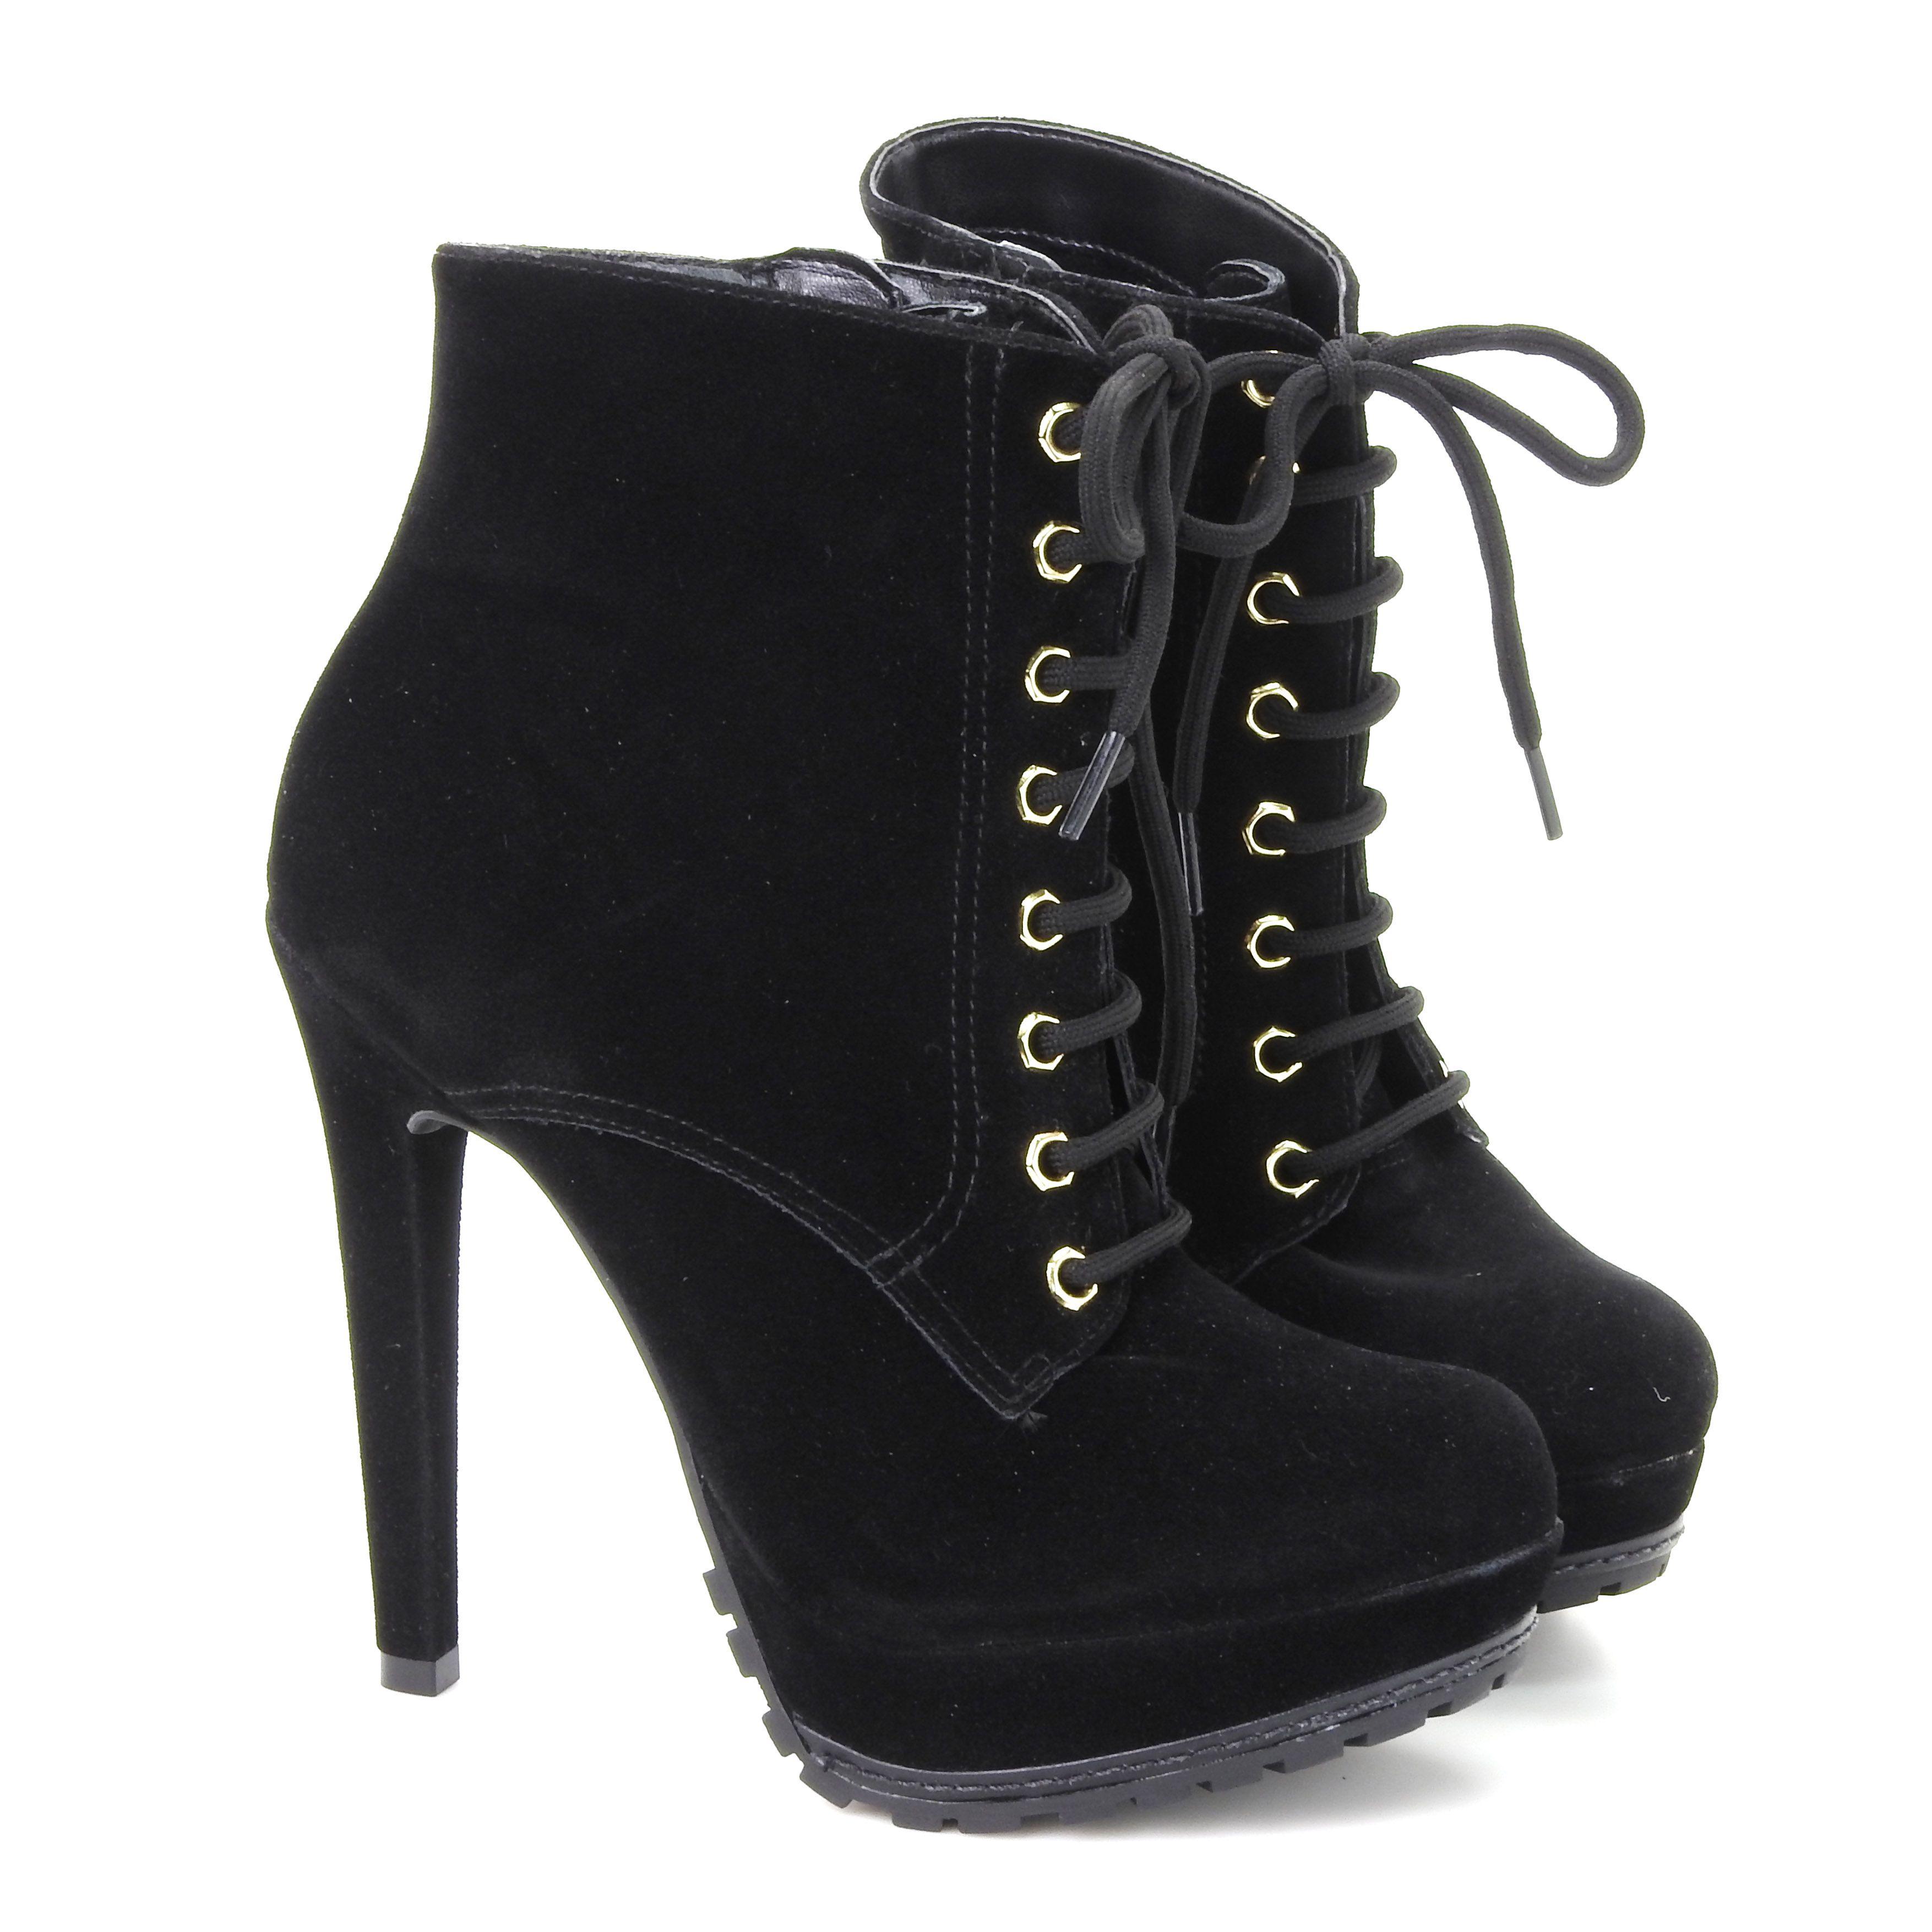 fa2aa09ce1 boots - botas - bota de cano curto - bota de salto - winter - Inverno